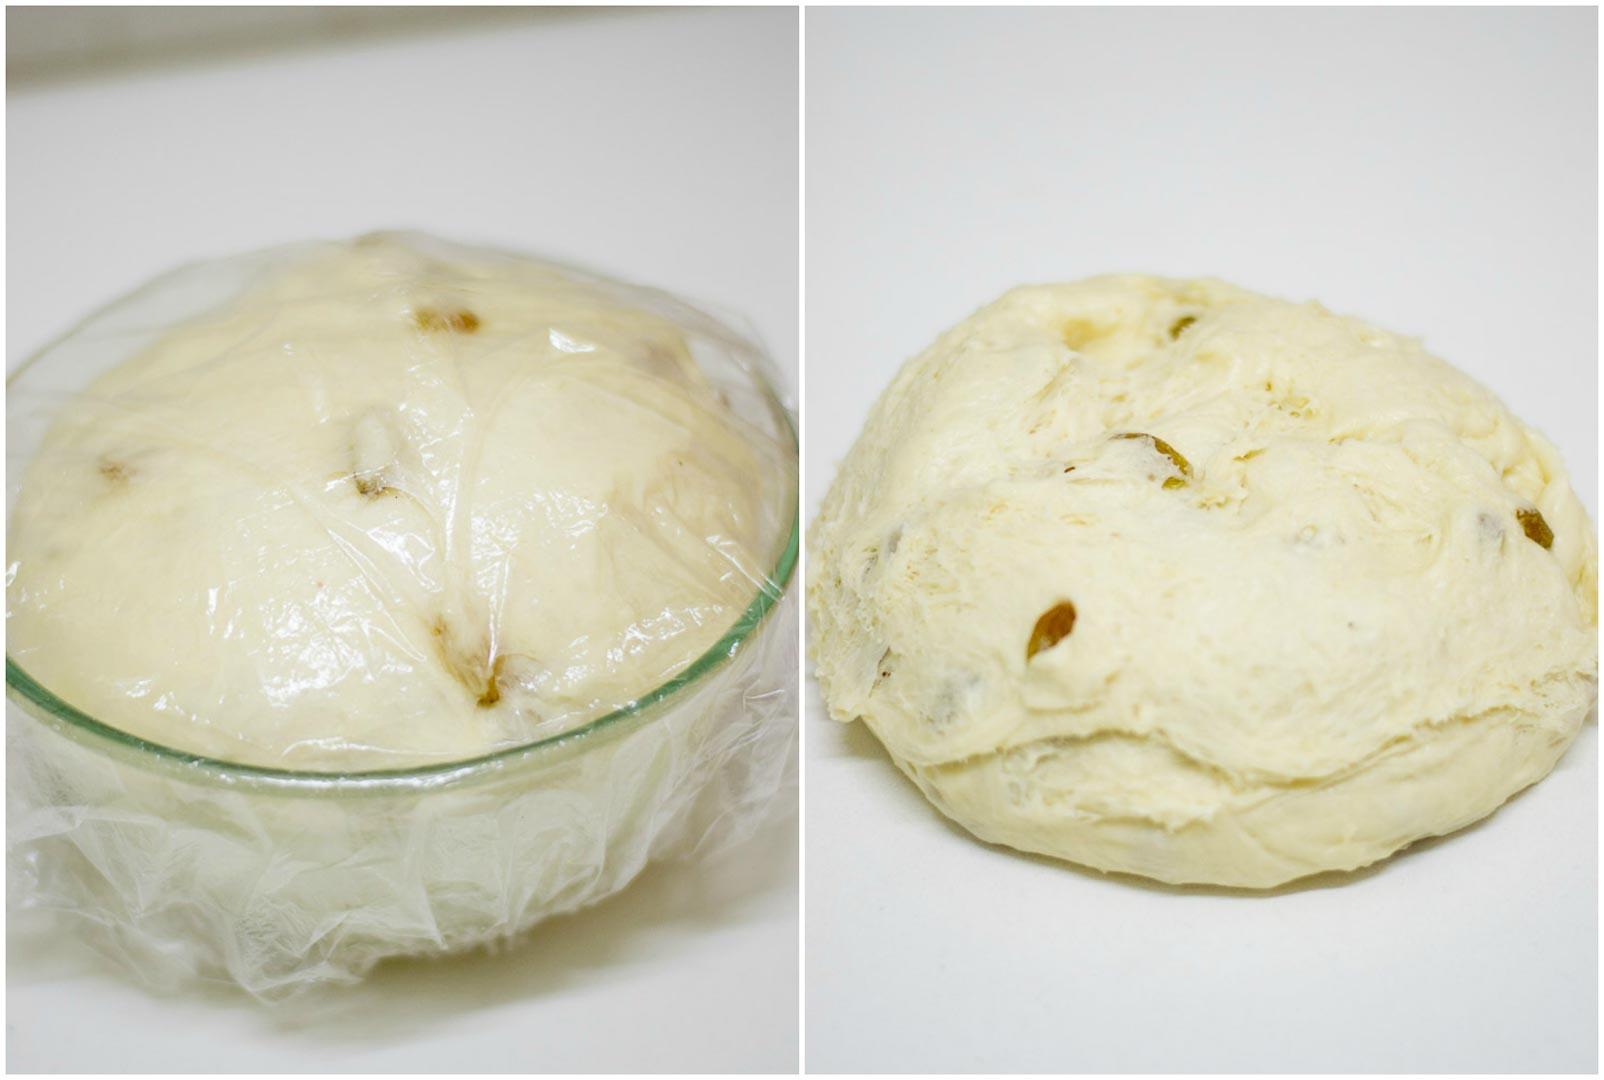 Cinnamon-Raisin-Swirl-Bread-recipe-18